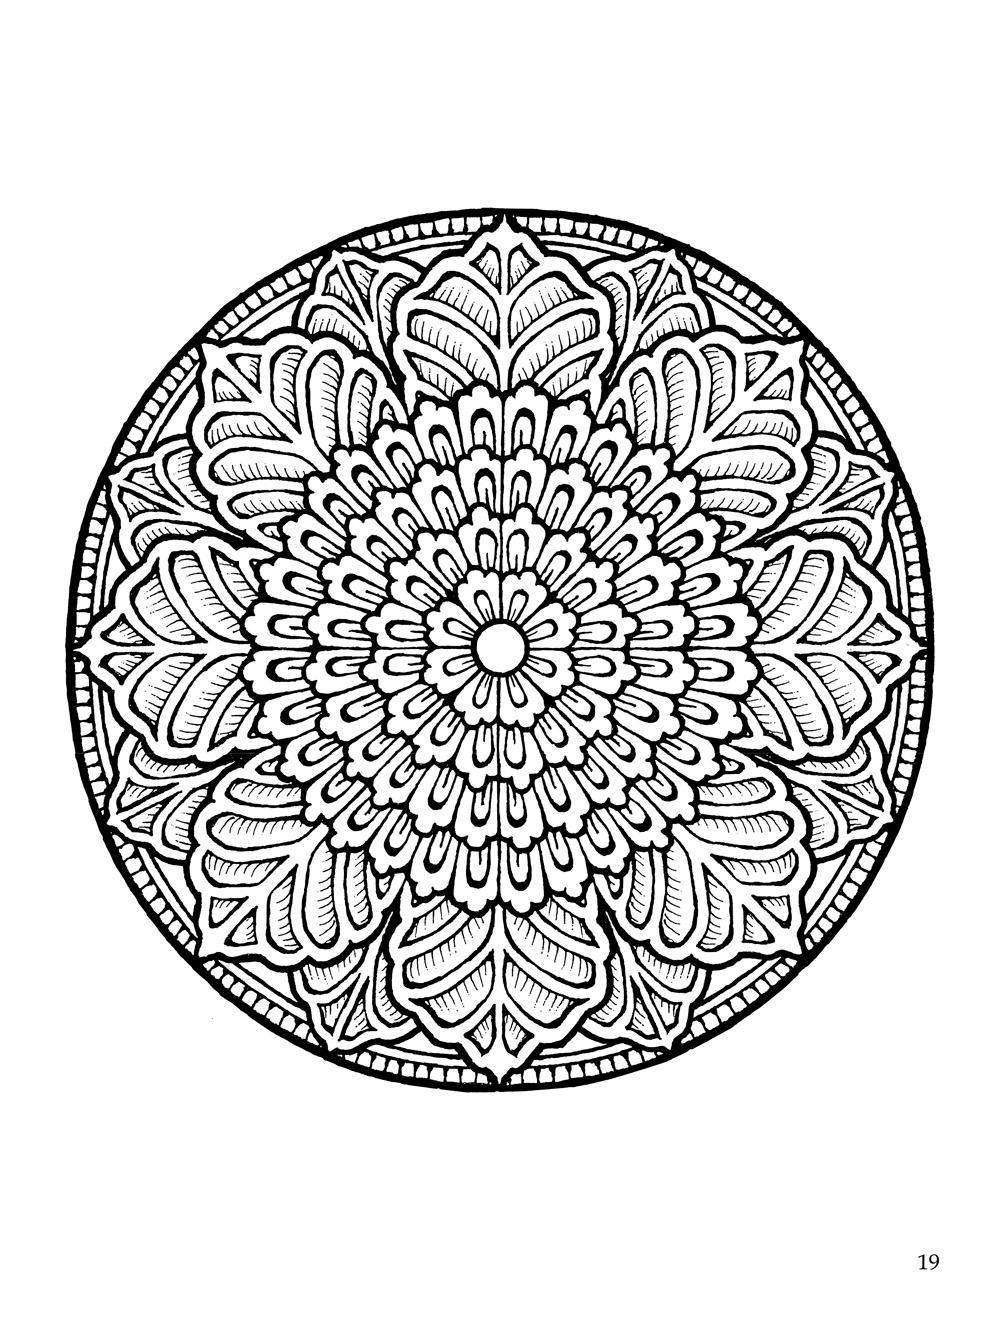 设计 矢量 矢量图 素材 1000_1333 竖版 竖屏